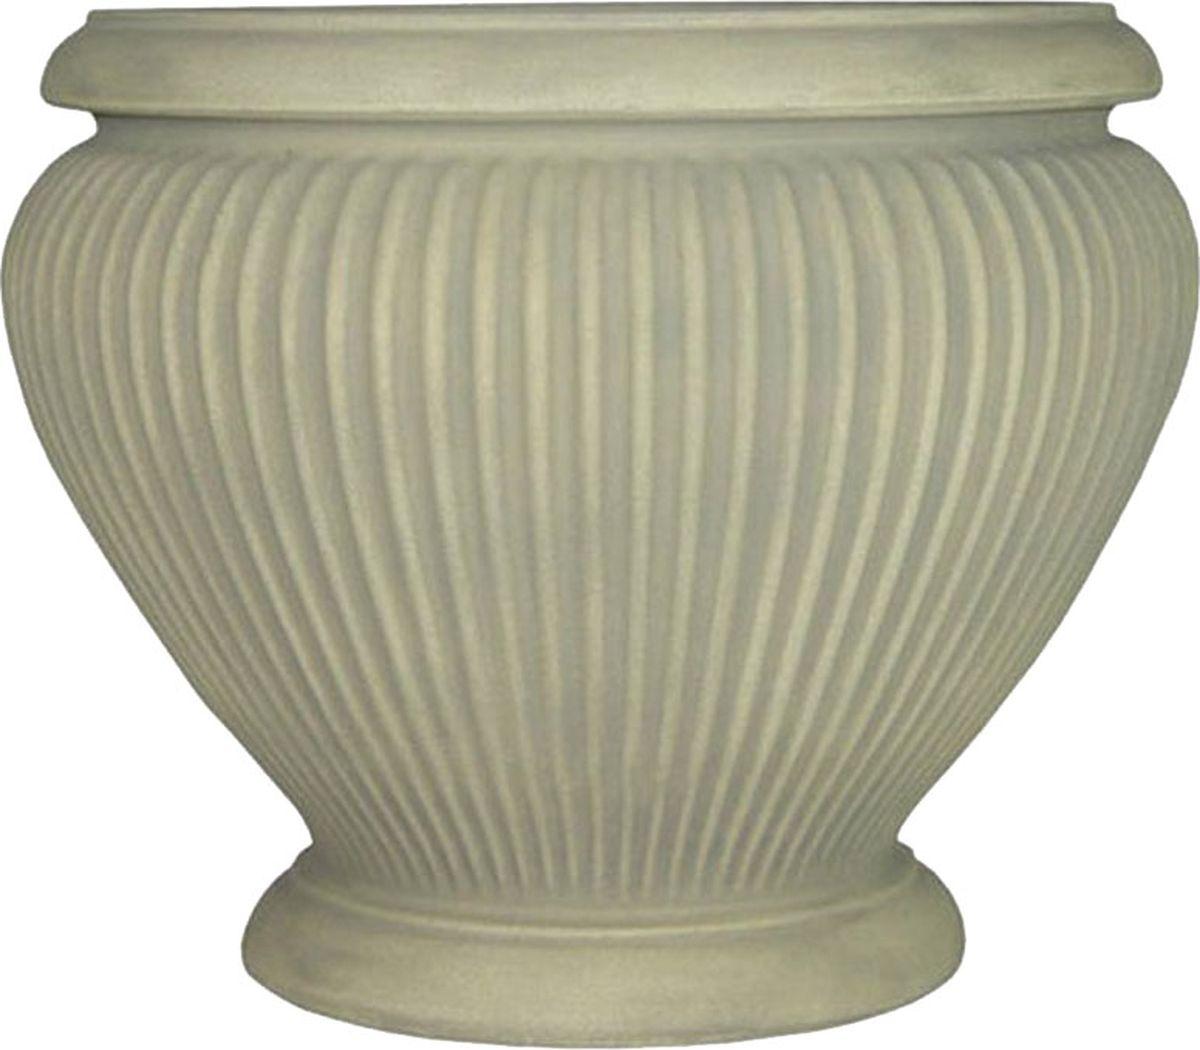 Вазон для цветов Dominican Garden Эсте, цвет: светло-серый, диаметр 45,7 см